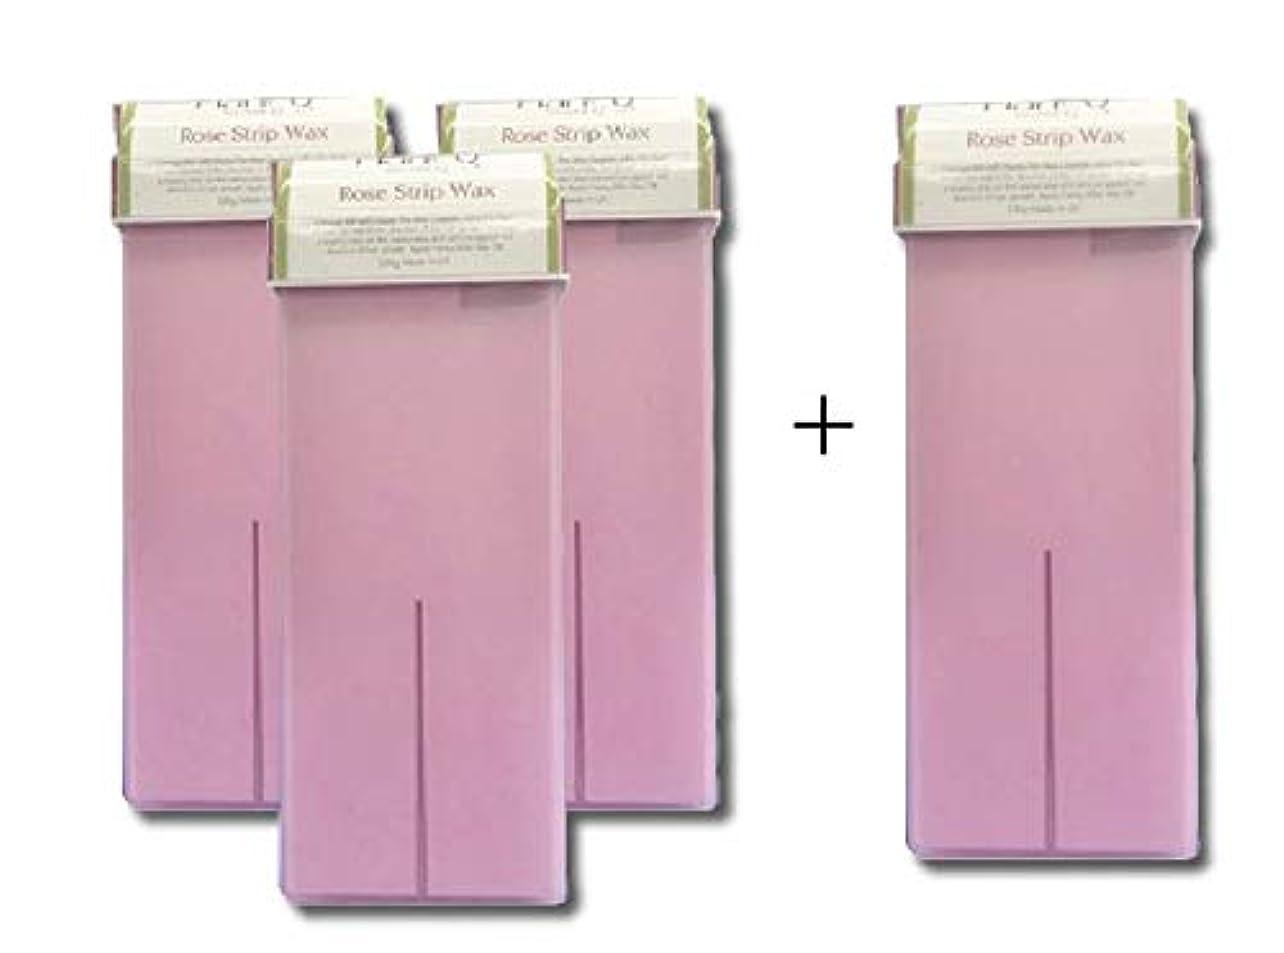 複製する福祉計画的セルフローズワックス(100g) 3本セット ブラジリアンワックス